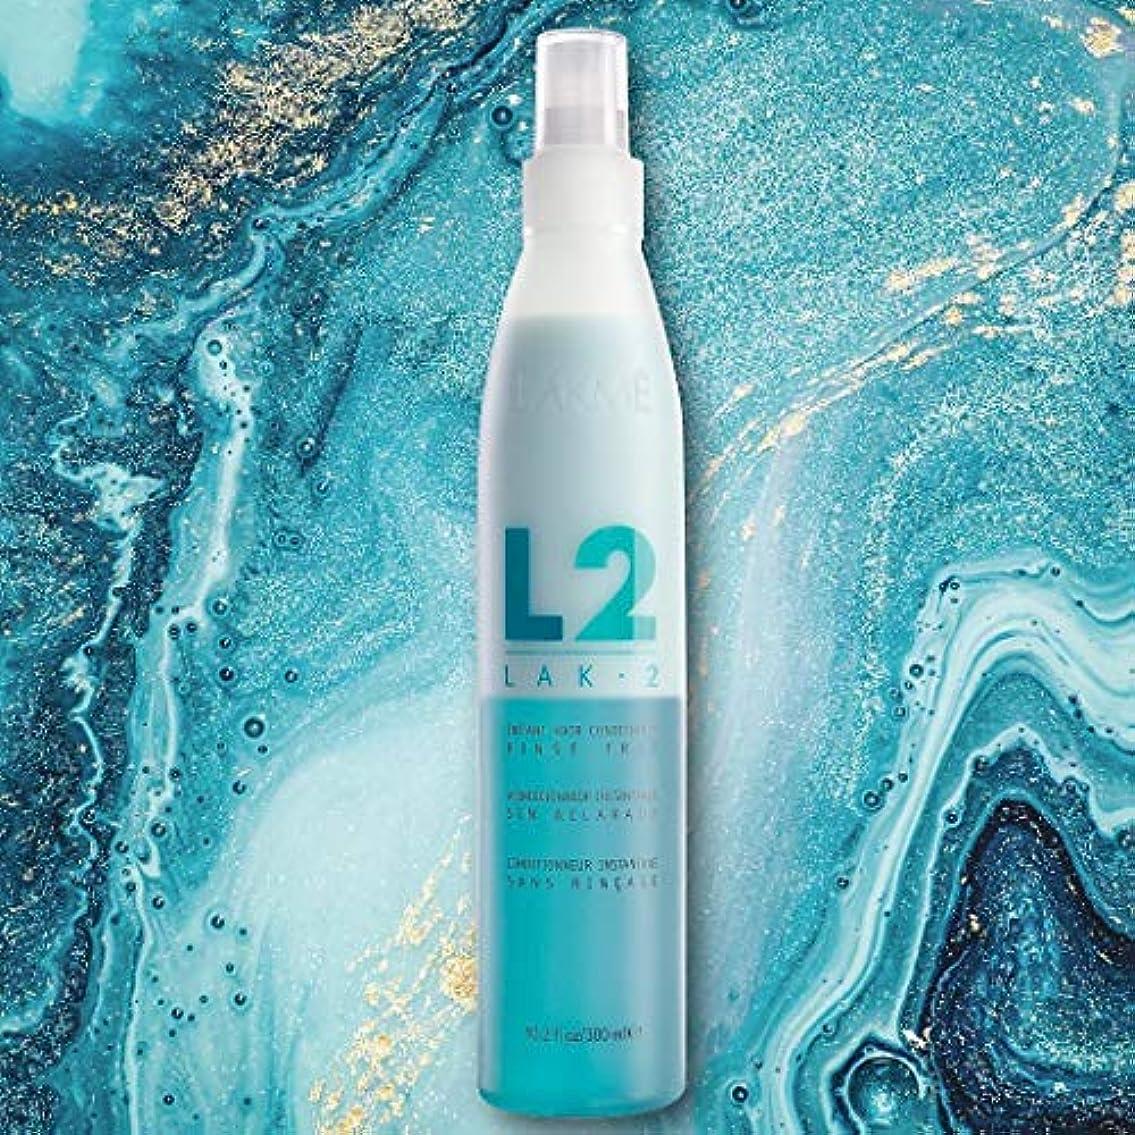 感謝祭顔料撤退Lak-2 Instant Hair Conditioner Rinse Free